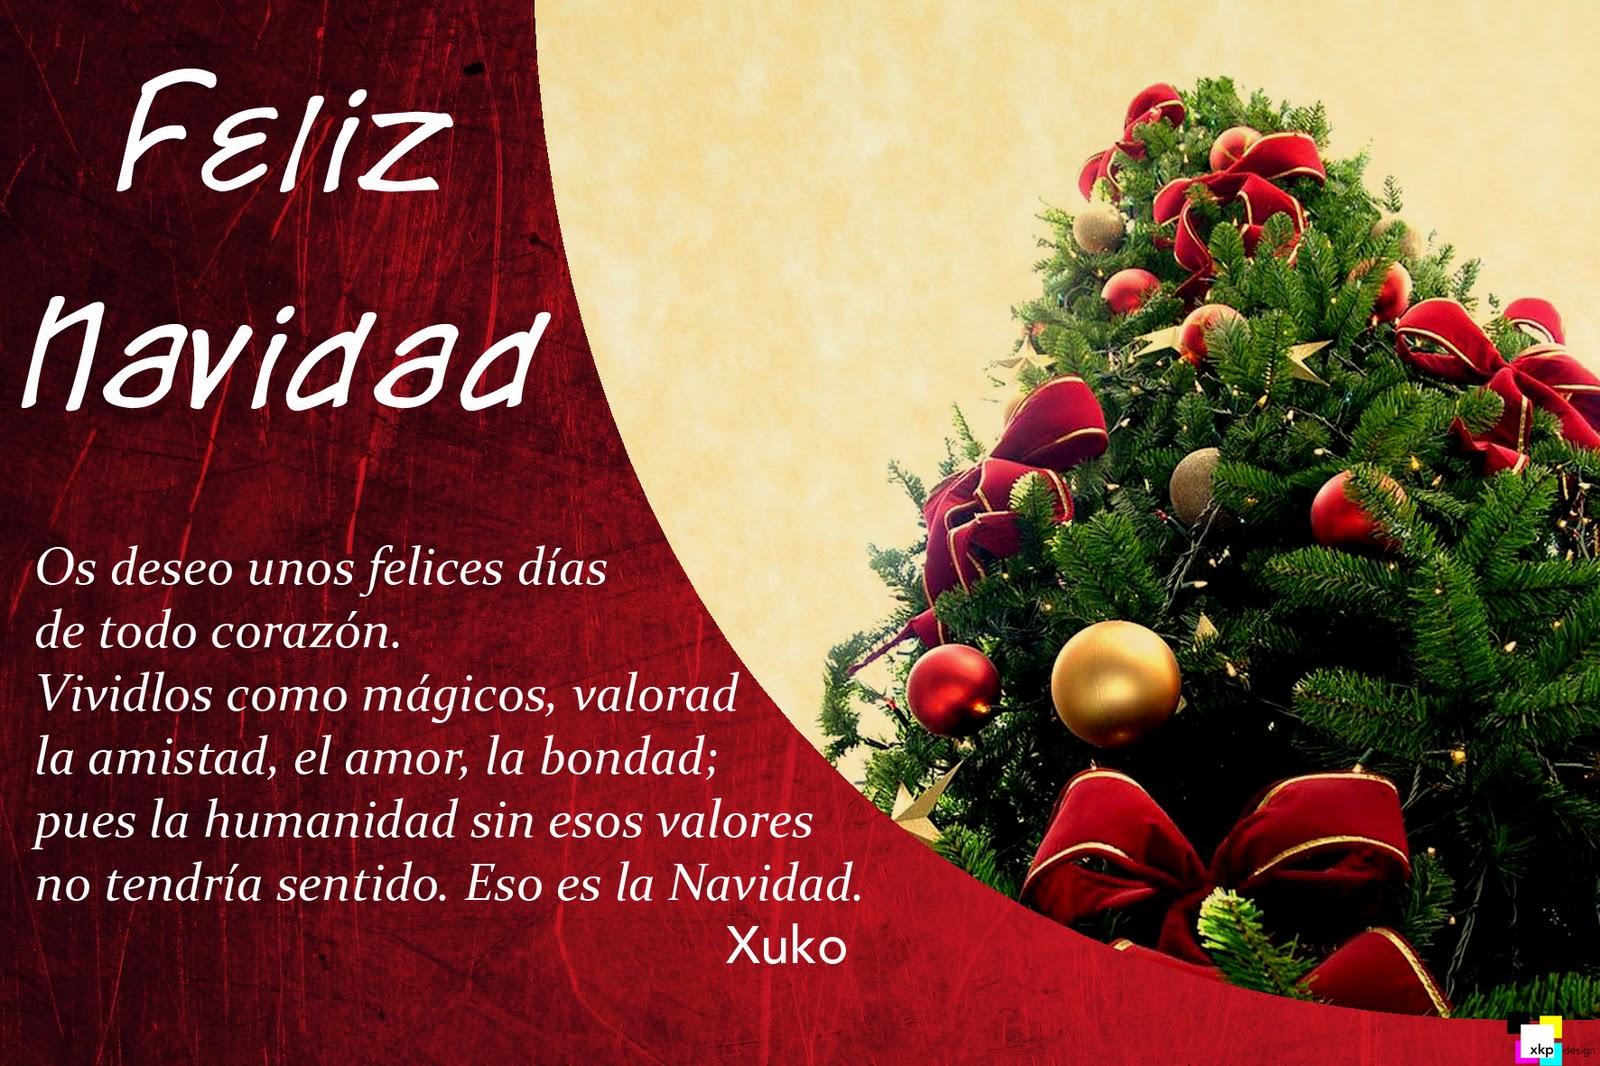 tarjetas de navidad originales para descargar gratis imagenes para tarjeta de navidad - Postales De Navidad Originales